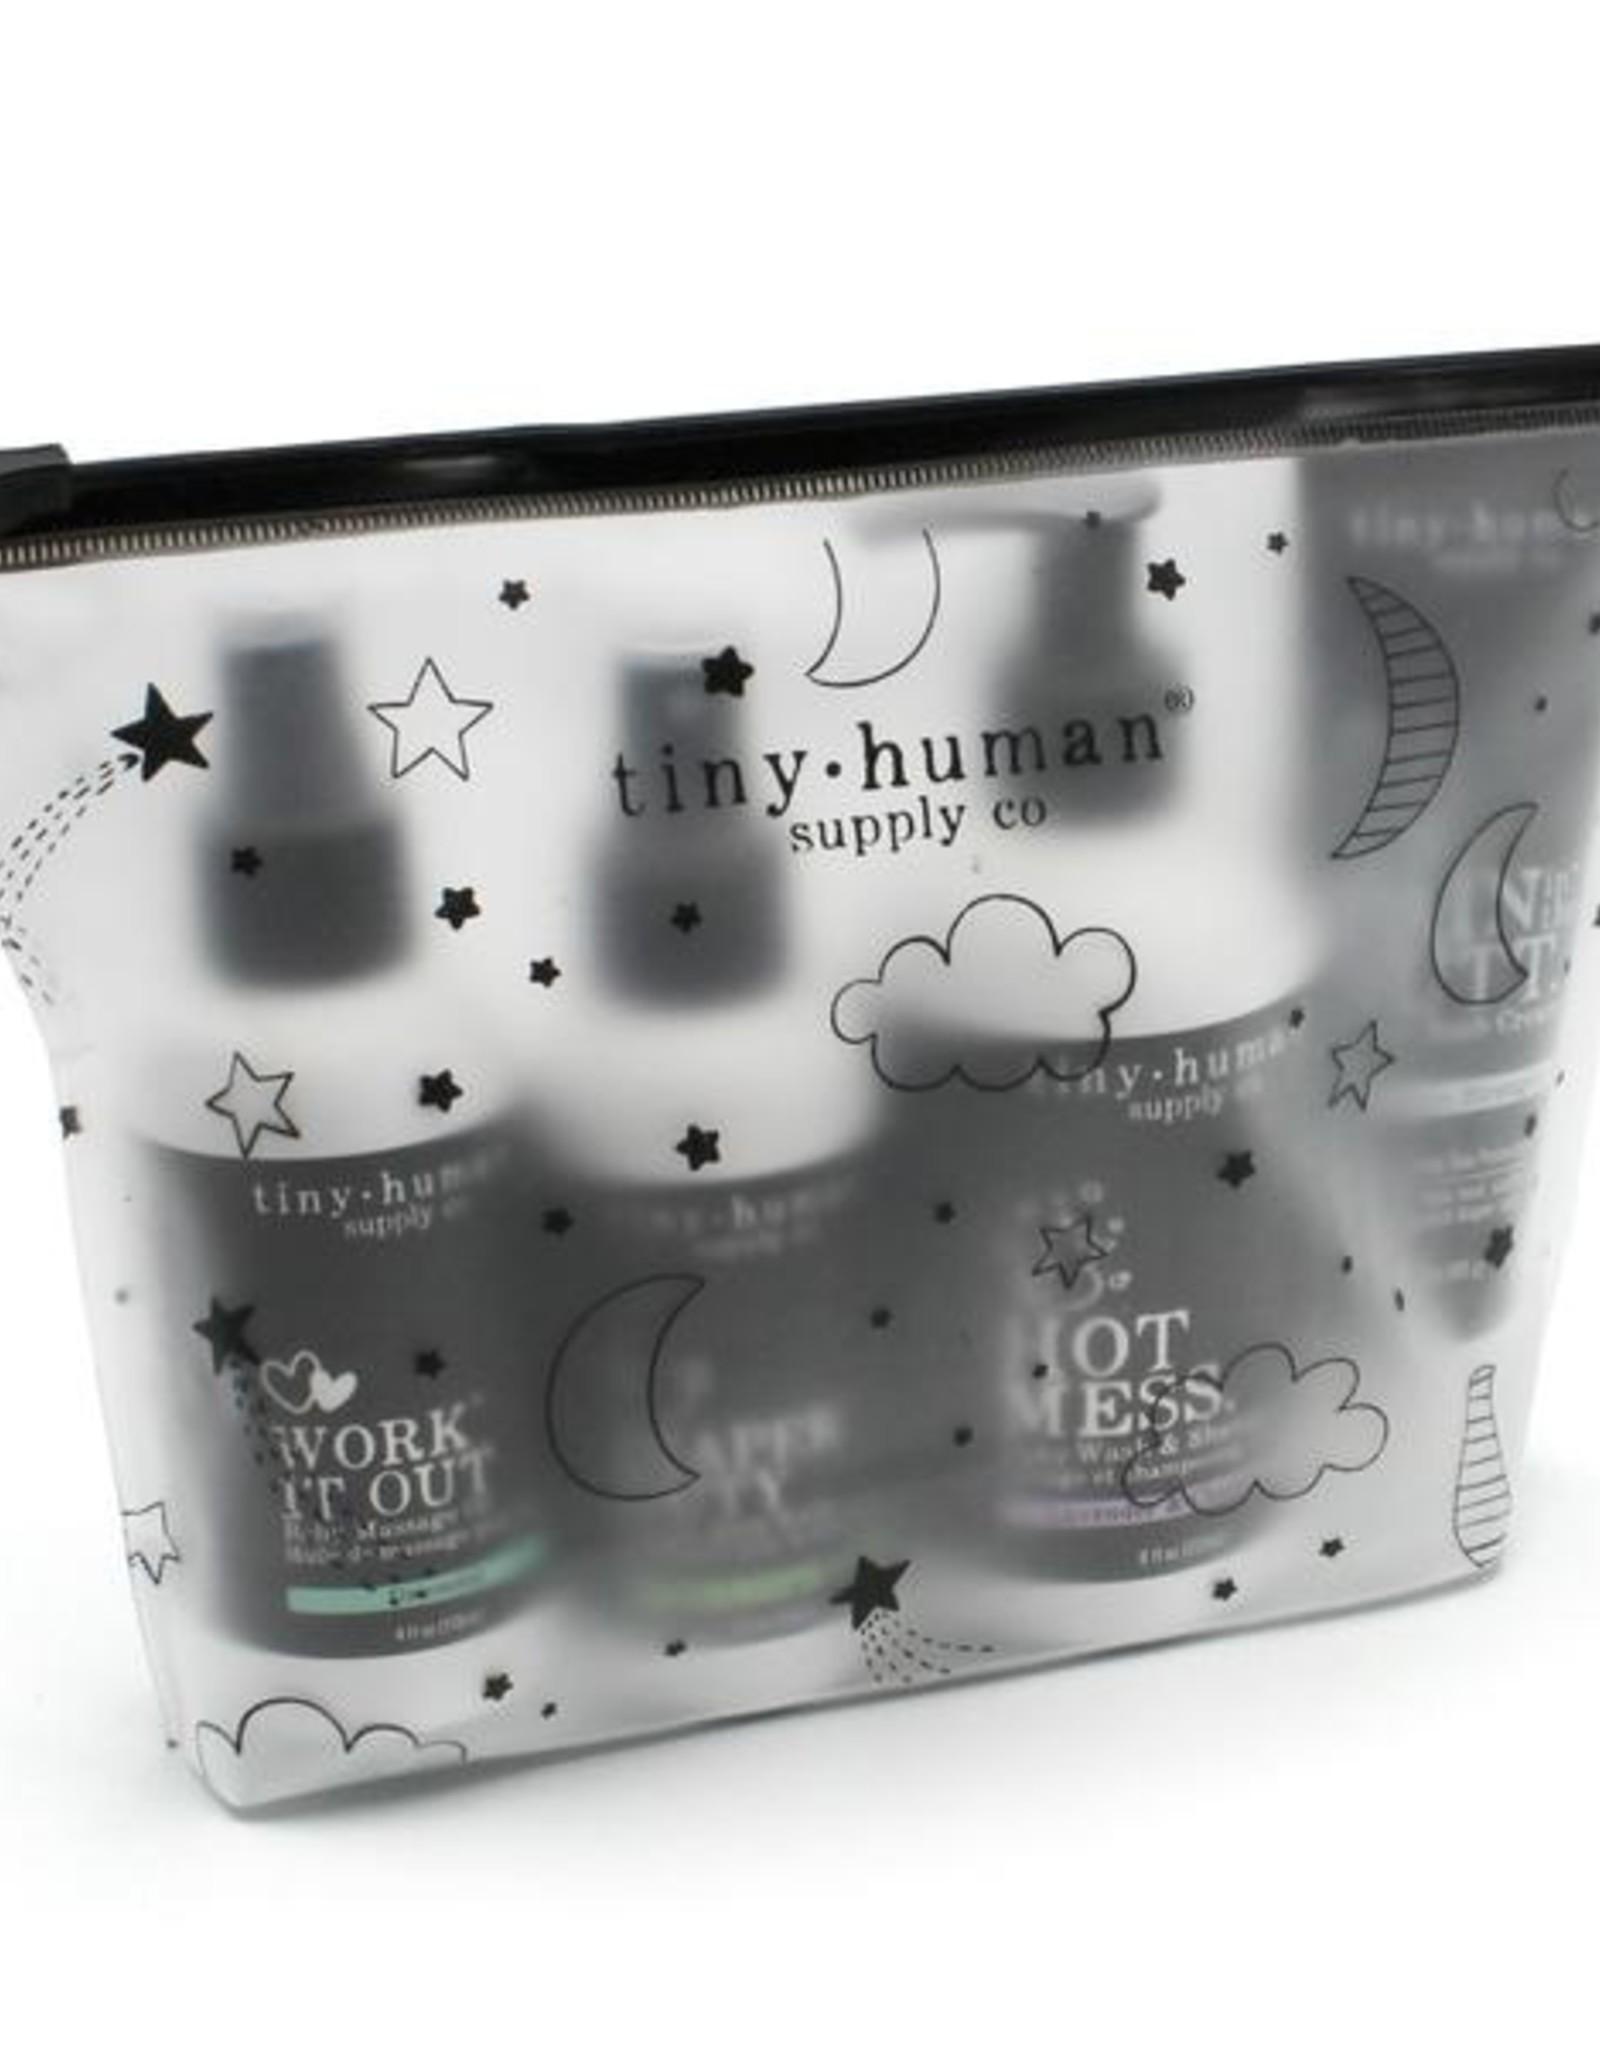 Tiny Human Supply Co. Hello World Gift Set (moon) - Tiny Human